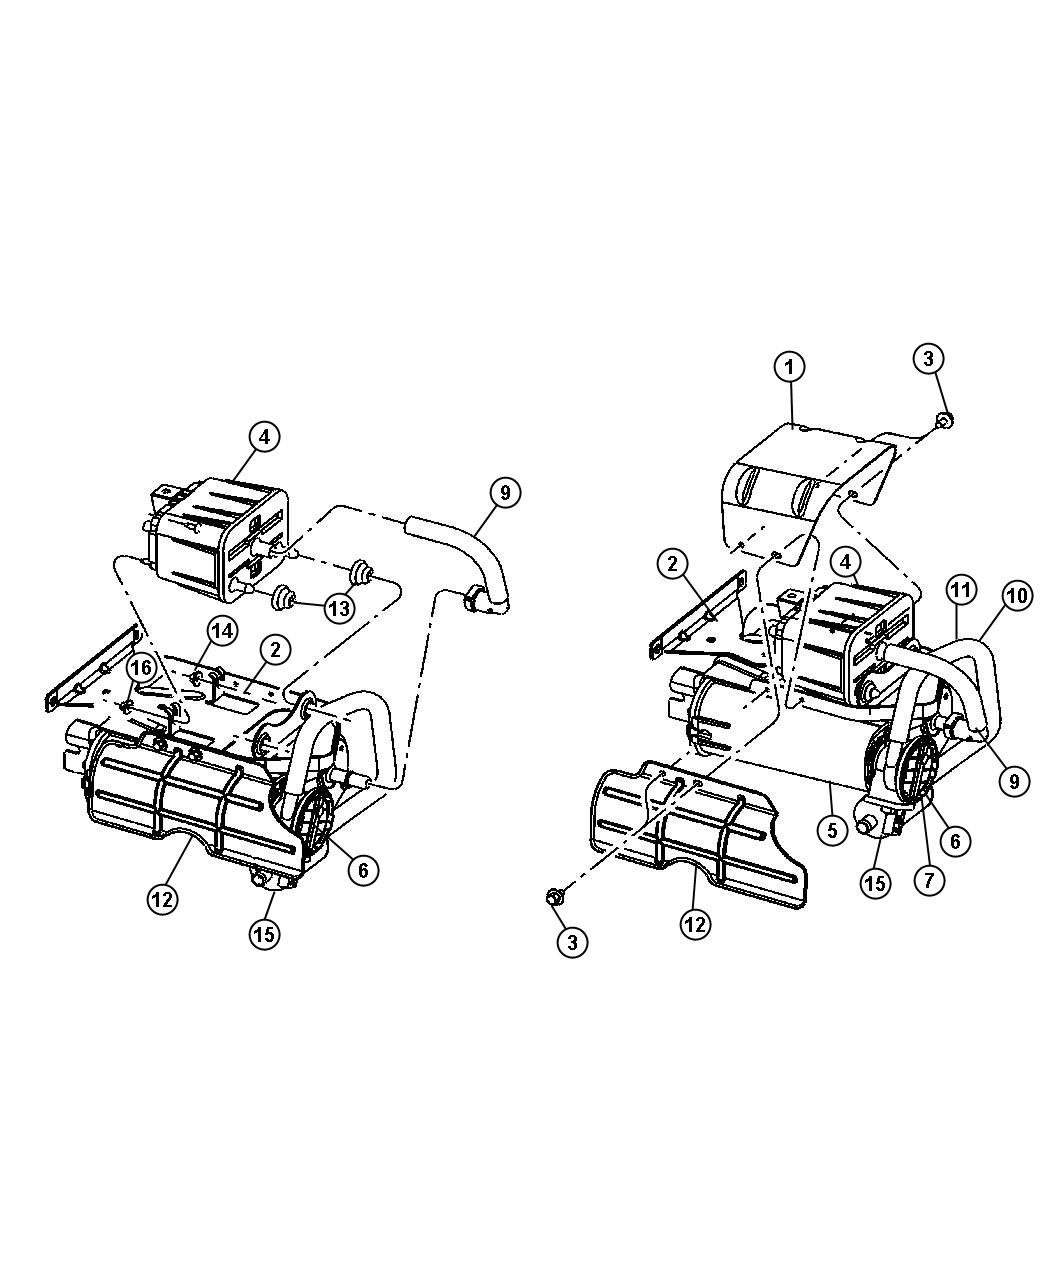 Dodge Ram 1500 Detector. Natural vacuum leak detection